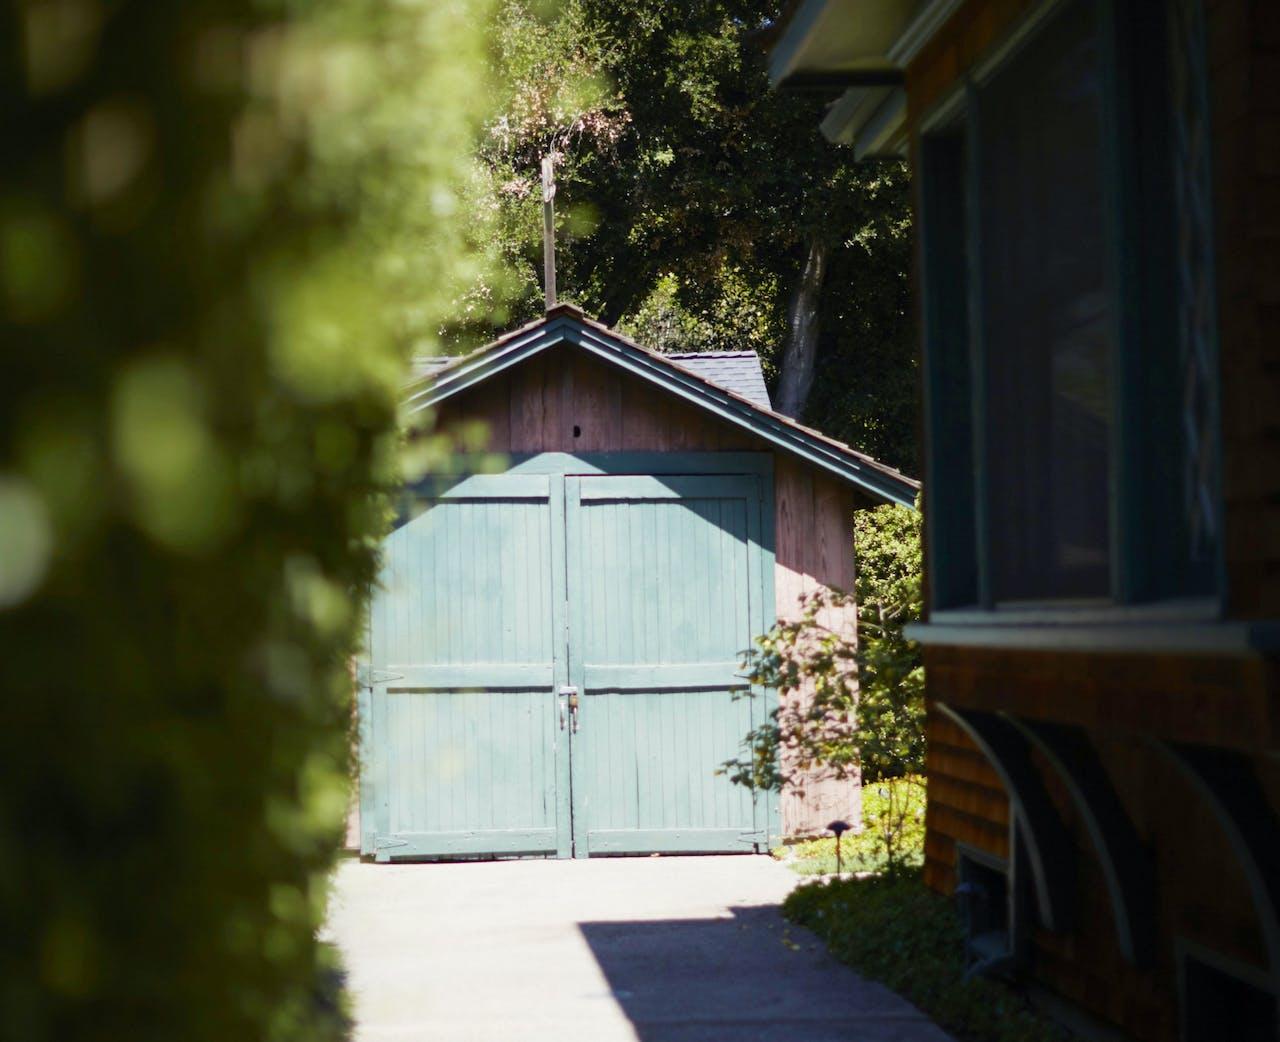 De HP Garage in Palo Alto, waar Hewlett-Packard begon. De garage is nu een privé-museum.